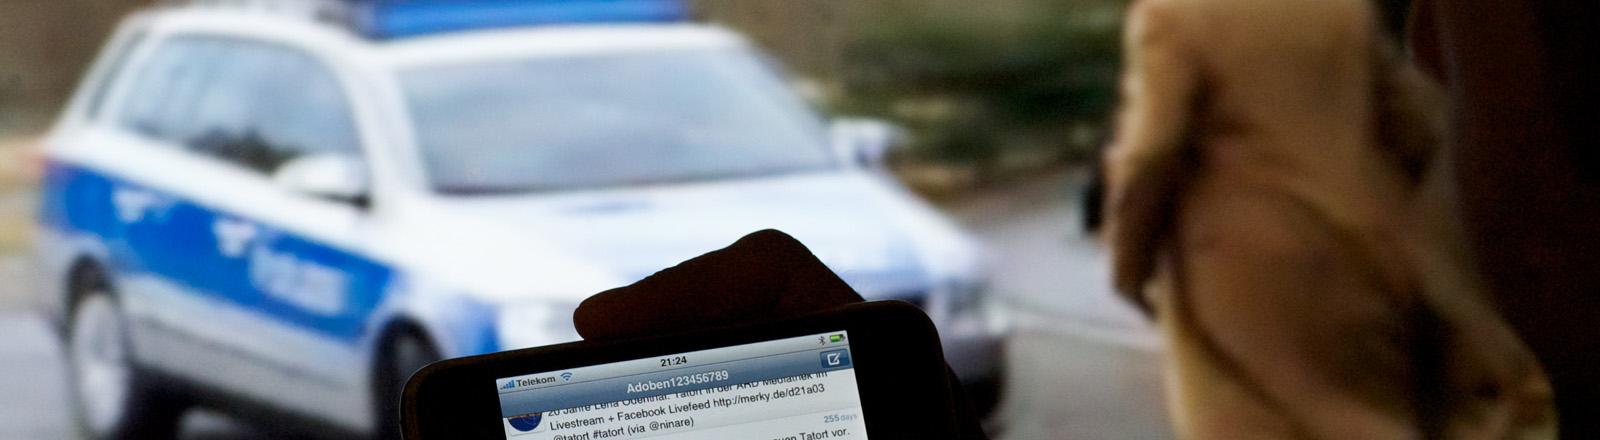 """Ein Benutzer des Sozialen Netzwerkes Twitter kommentiert die Austrahlung der Serie """"Tatort"""" der ARD, aufgenommen am 22.06.2010 in Leipzig."""